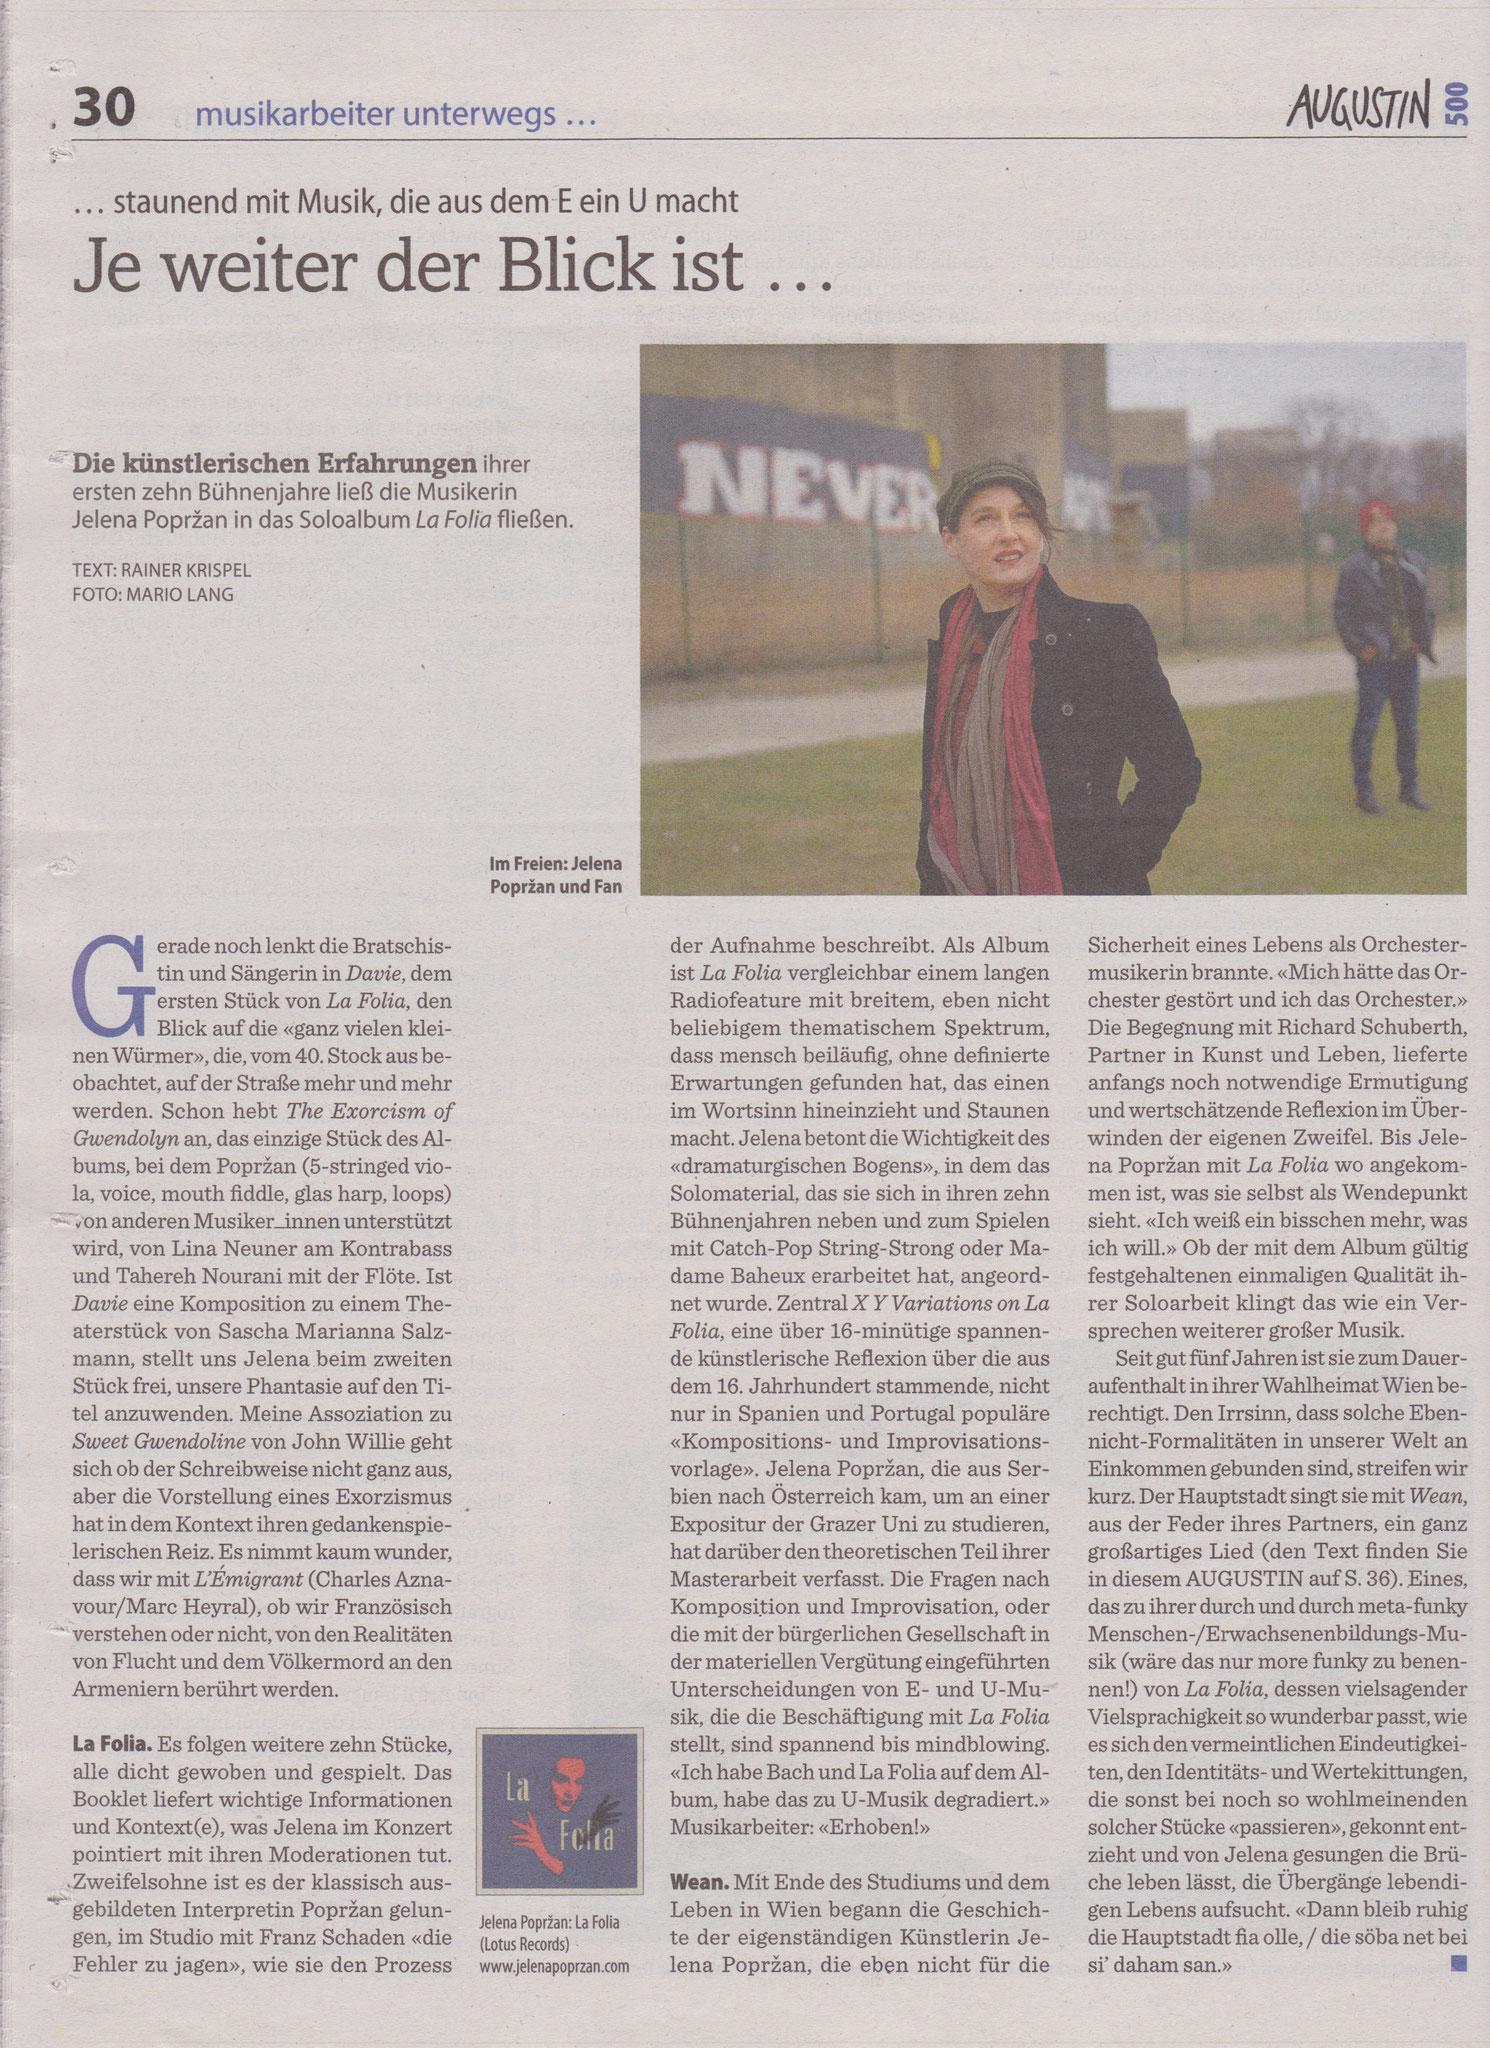 """""""Augustin"""" (Rainer Krispel), Februar 2020, AT"""